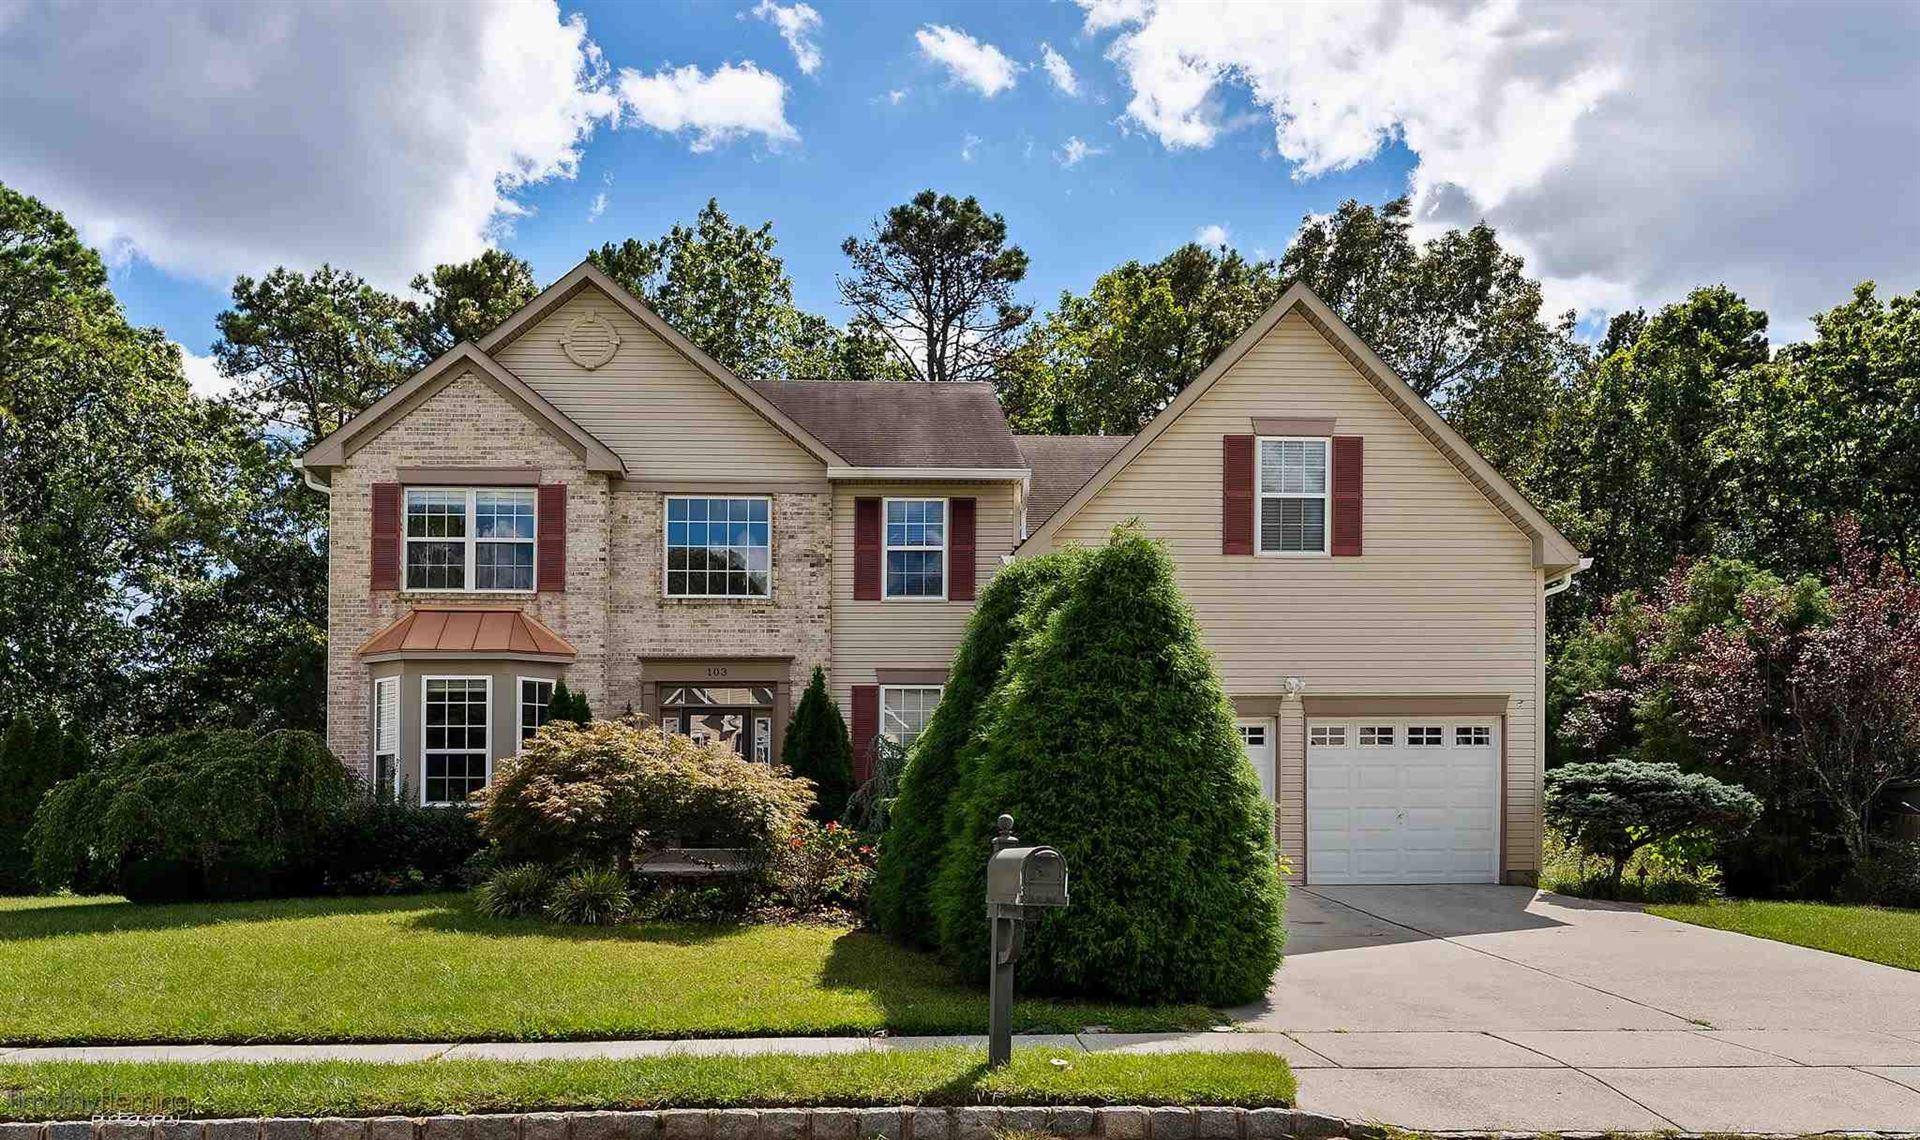 103 Woodberry Dr, Egg Harbor, NJ 08234 - #: 555929